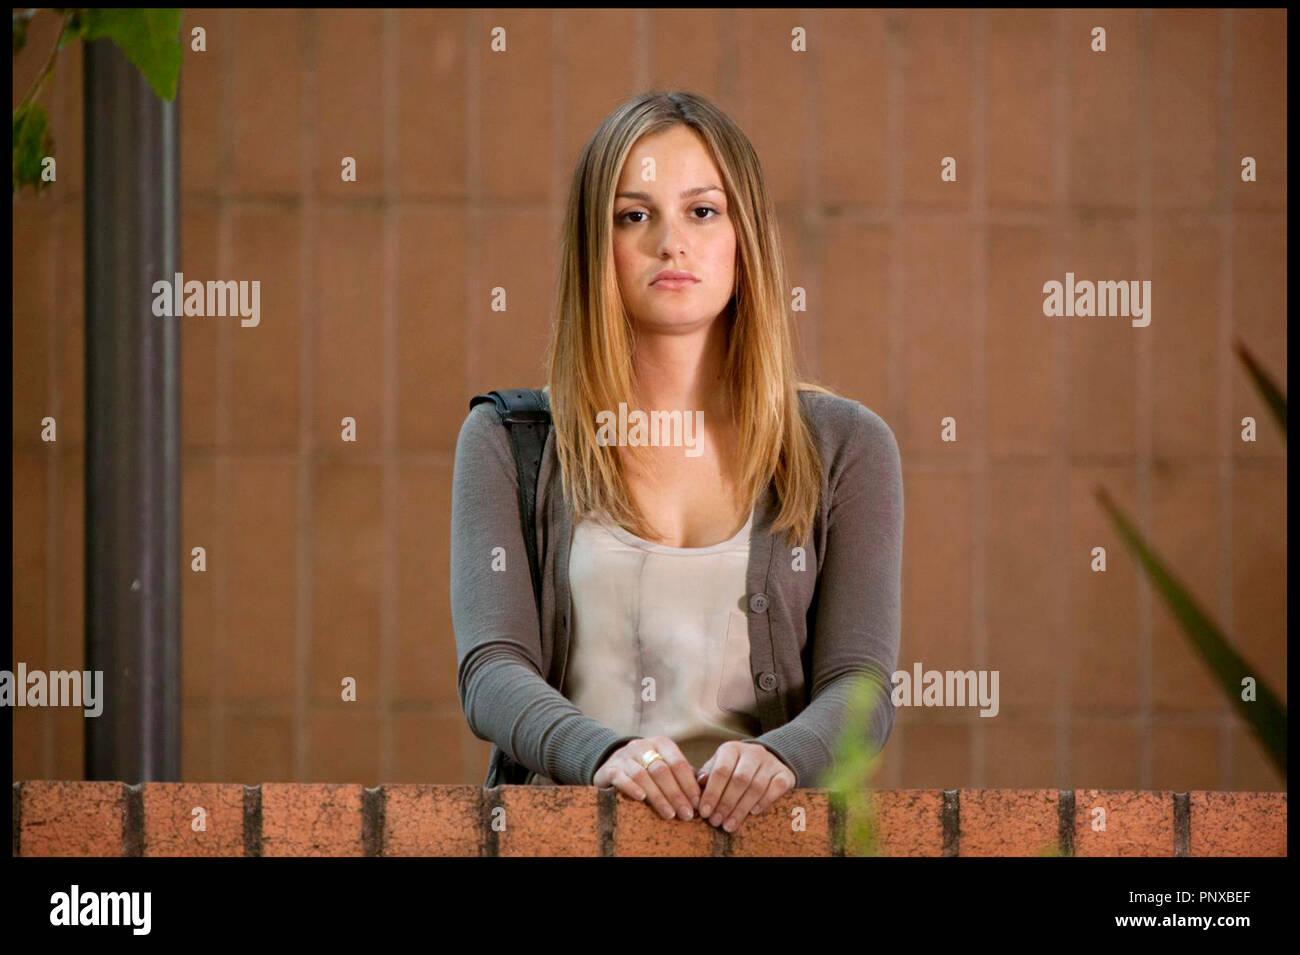 Prod DB © Screen Gems - Vertigo Entertainment / DR THE ROOMMATE de